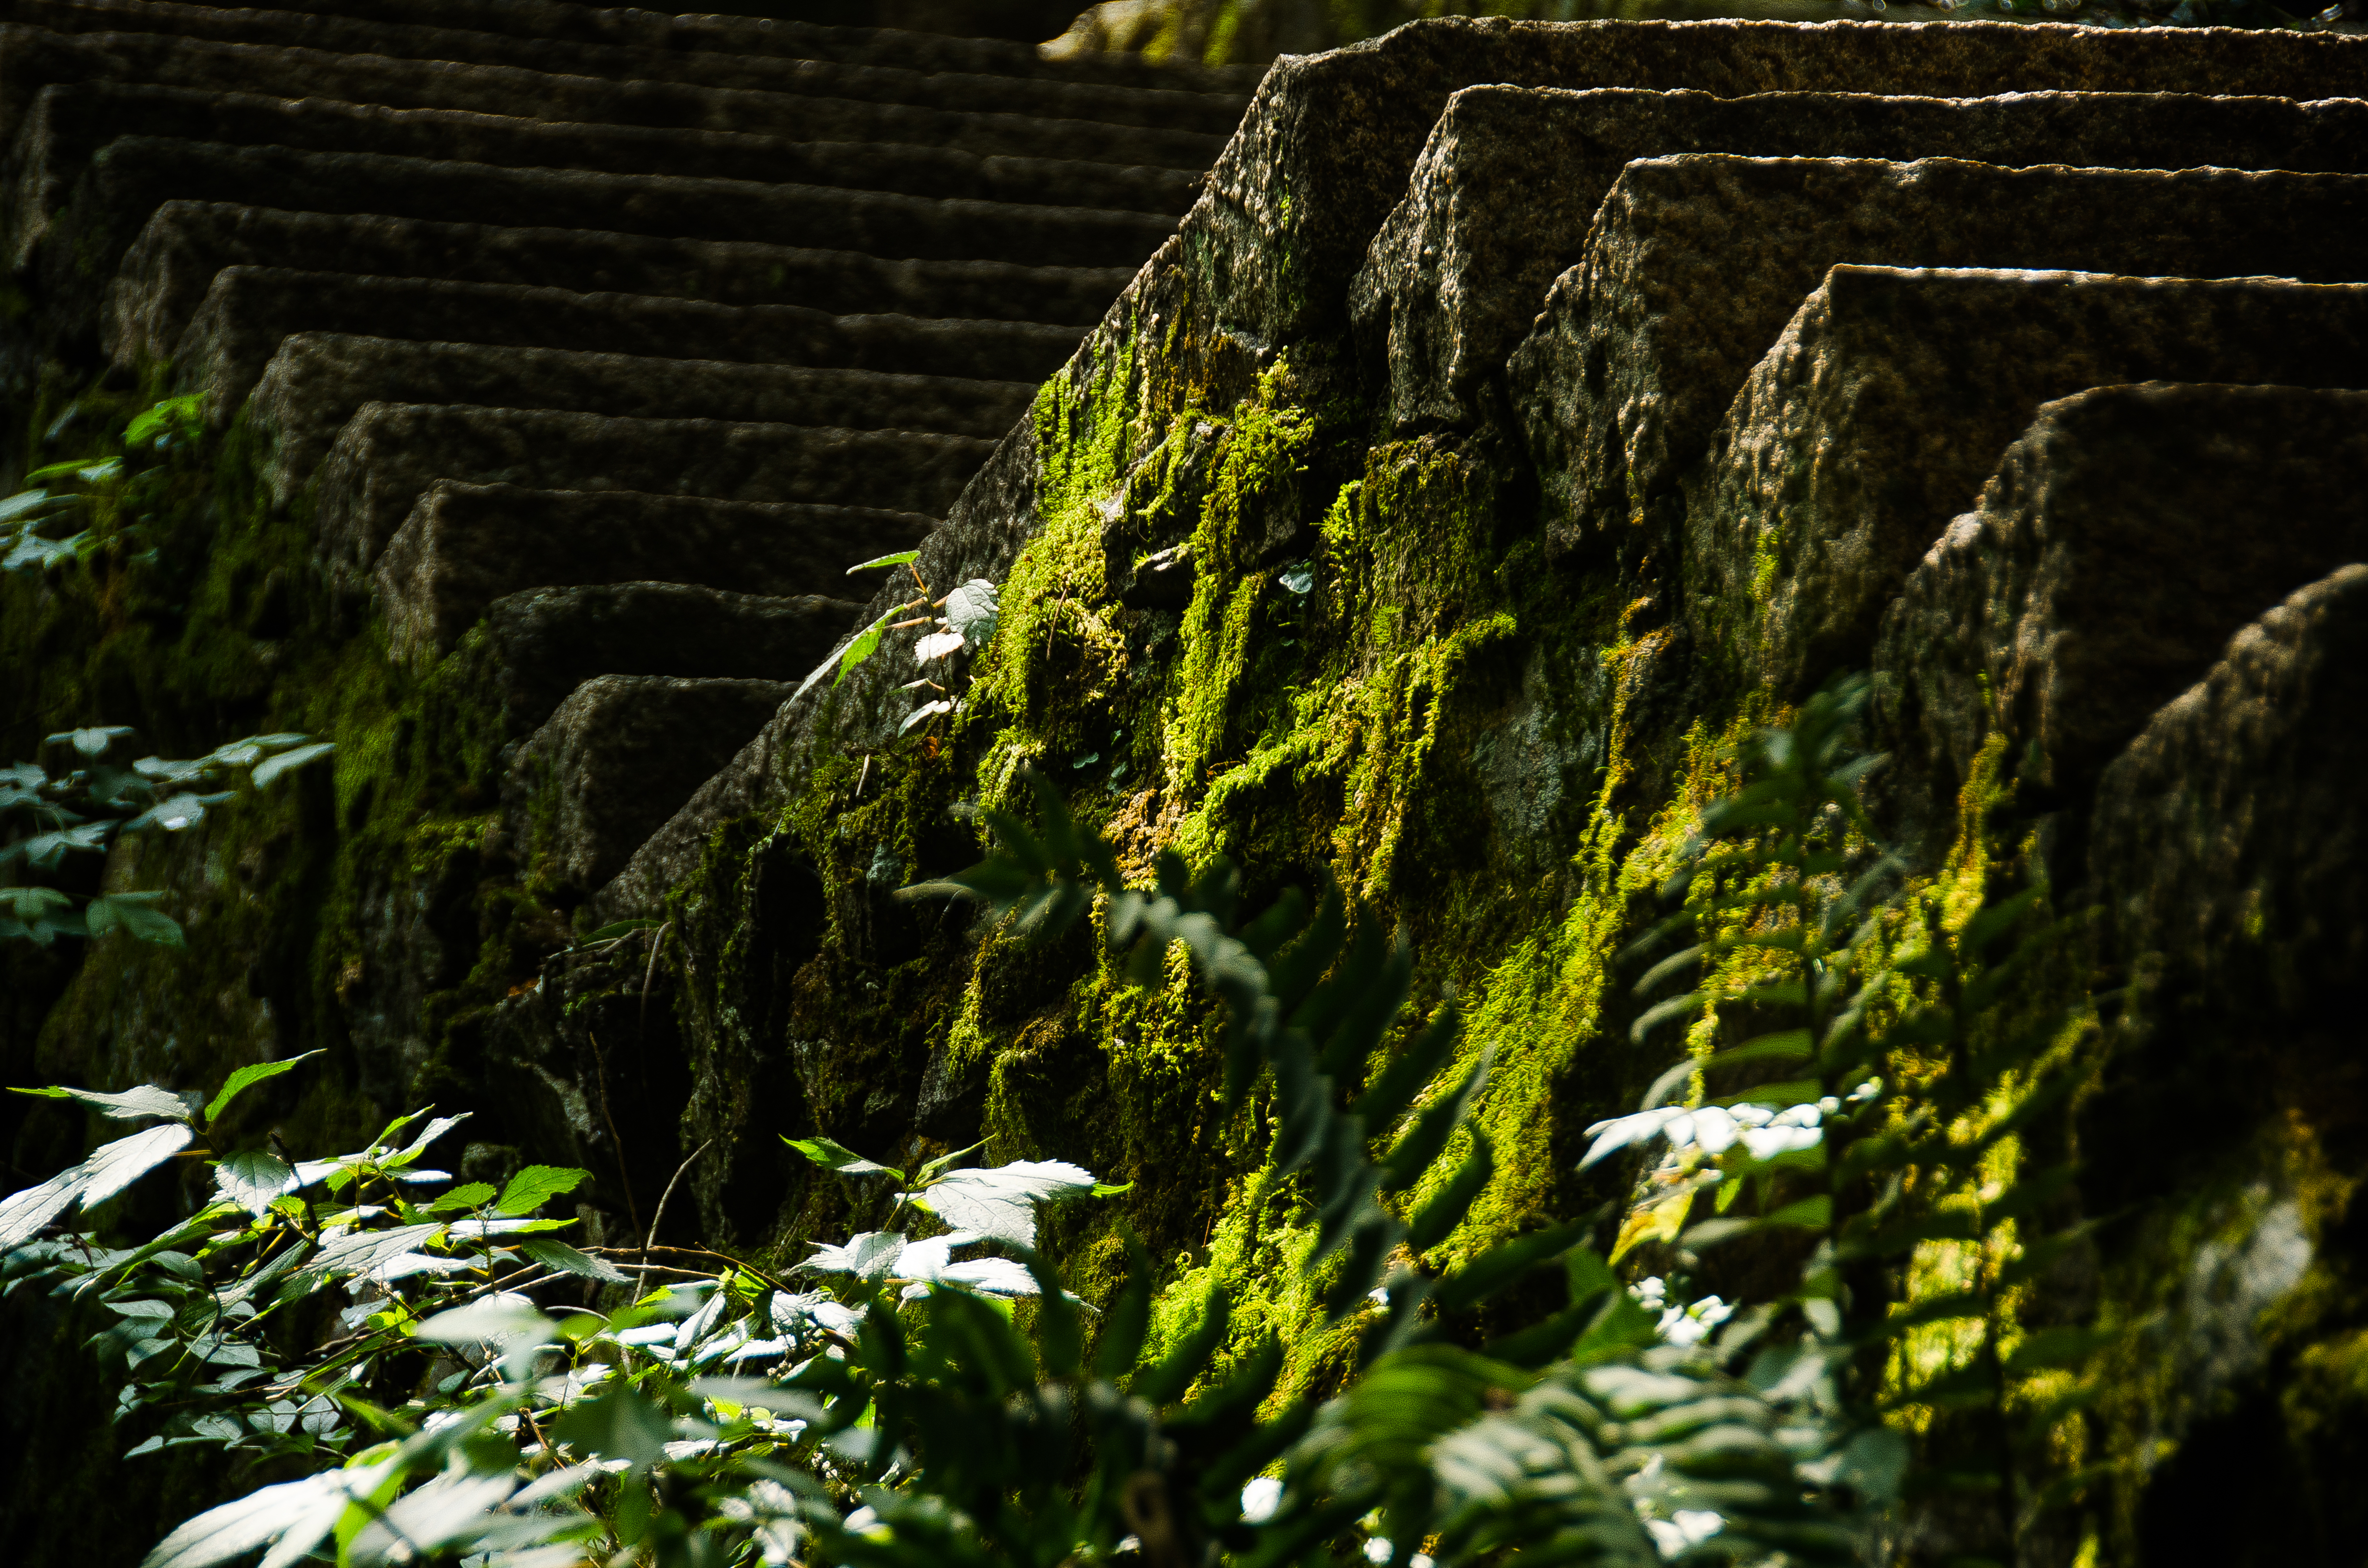 春季出游记,宁波的西南部竟藏着这么一个宝藏地,提前感受春满园